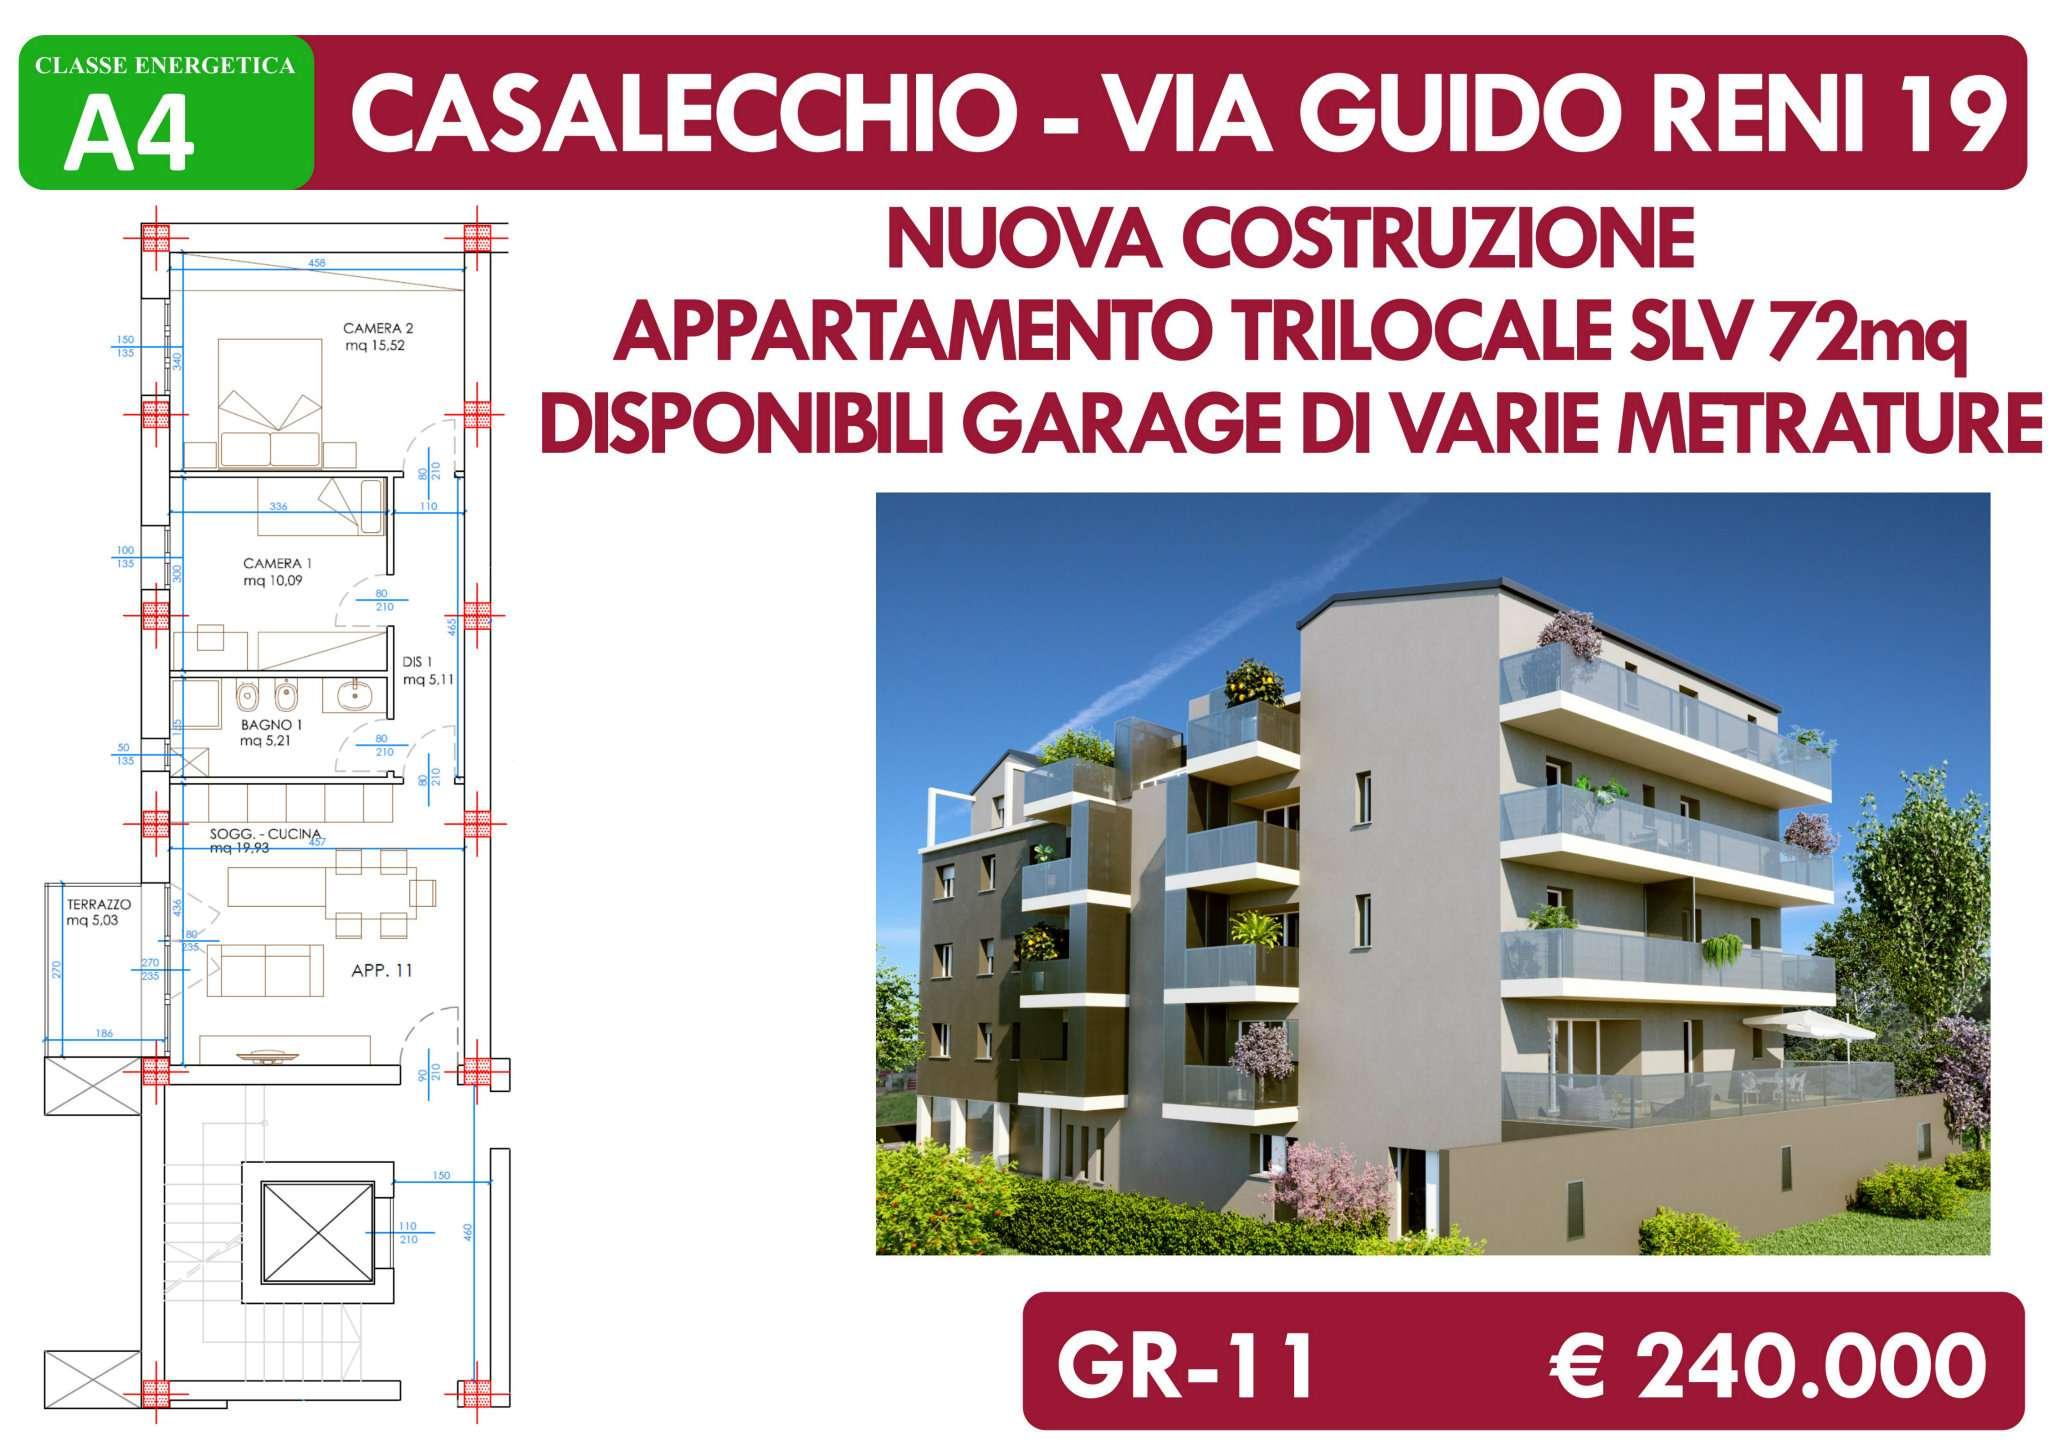 Appartamento in vendita a Casalecchio di Reno, 3 locali, prezzo € 240.000 | PortaleAgenzieImmobiliari.it